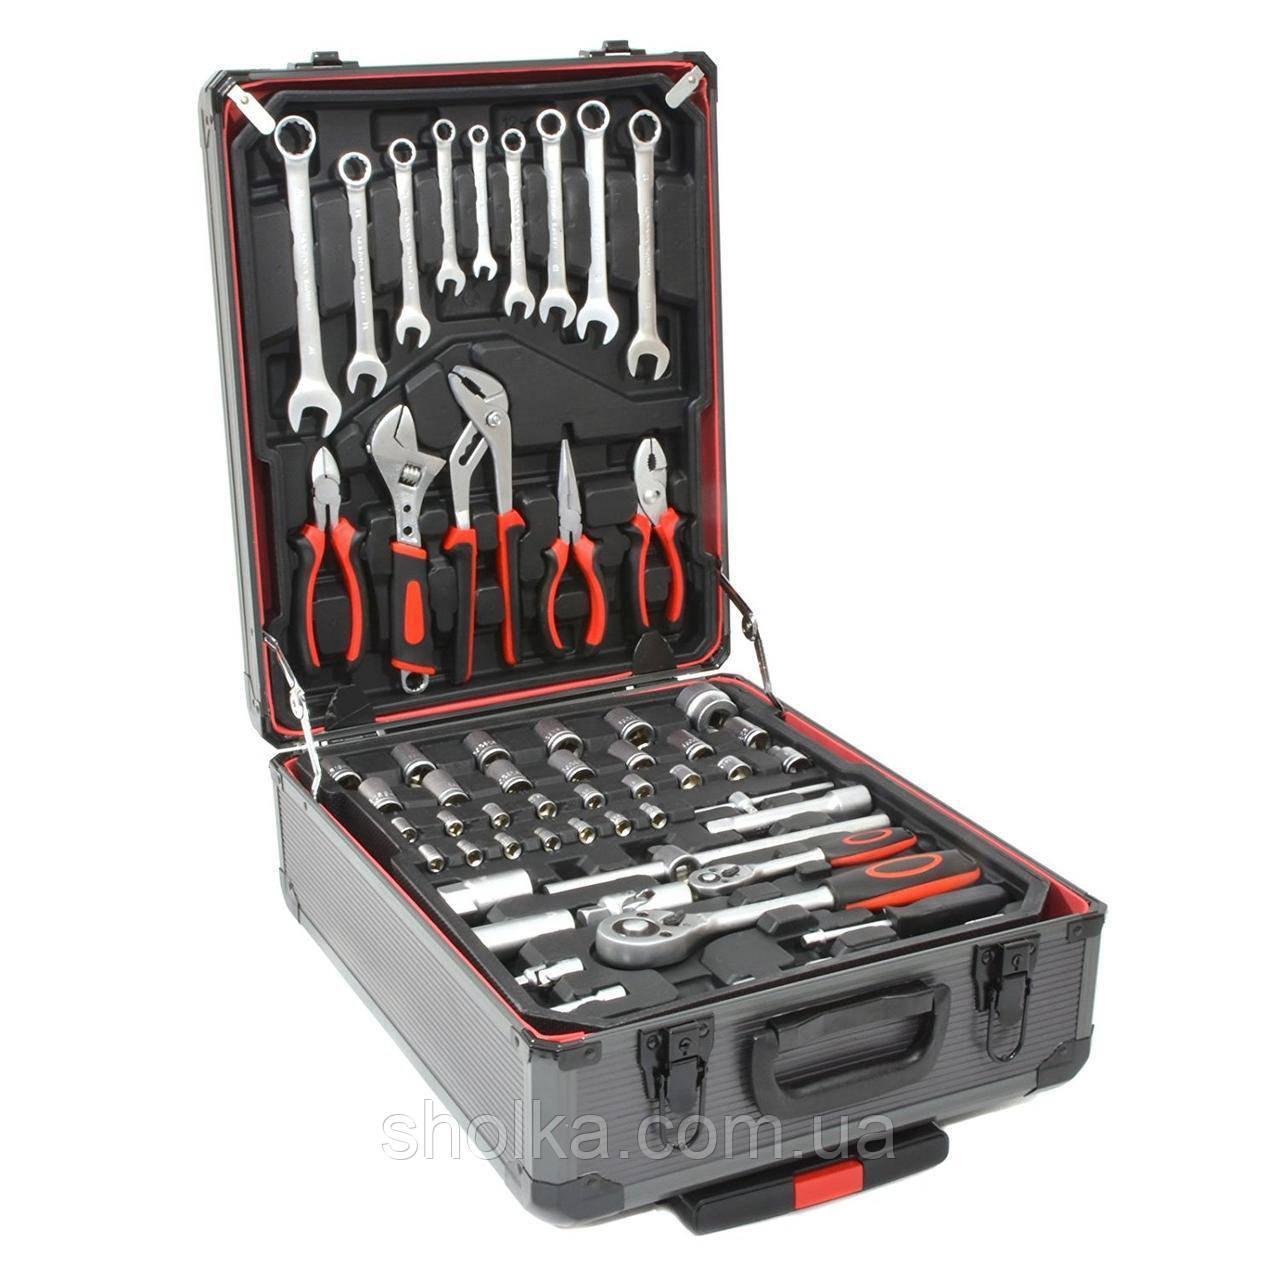 Набор инструментов 399 pcs